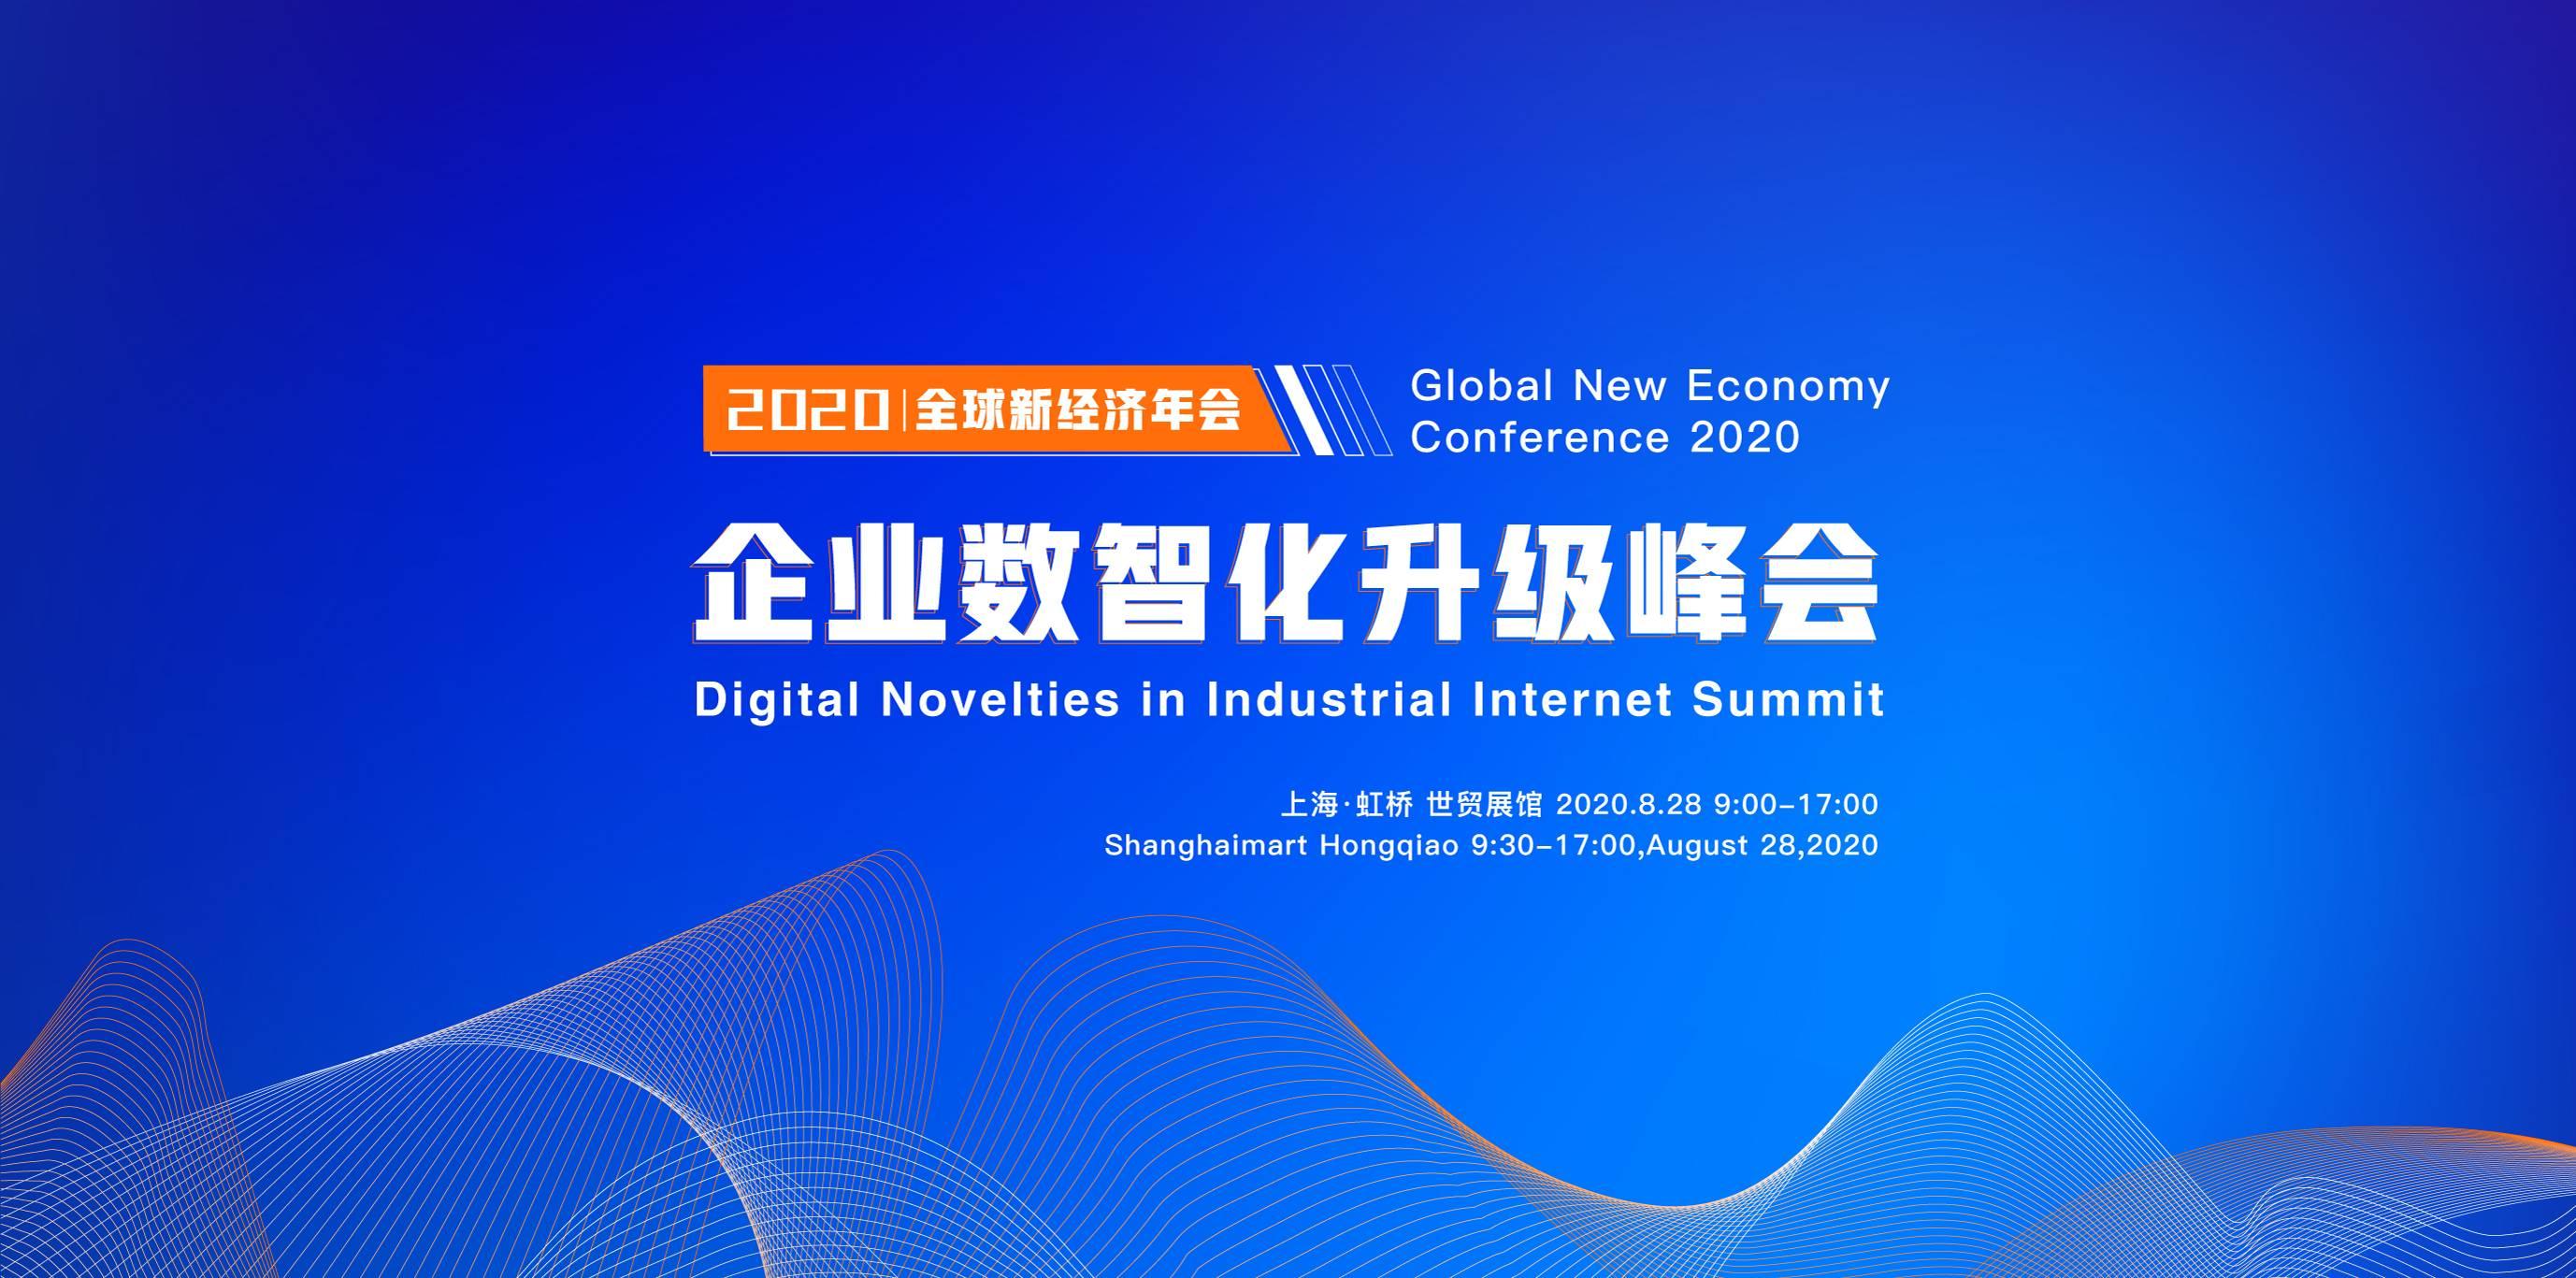 【活动】2020全球新经济年会 企业数智化升级峰会-亿欧